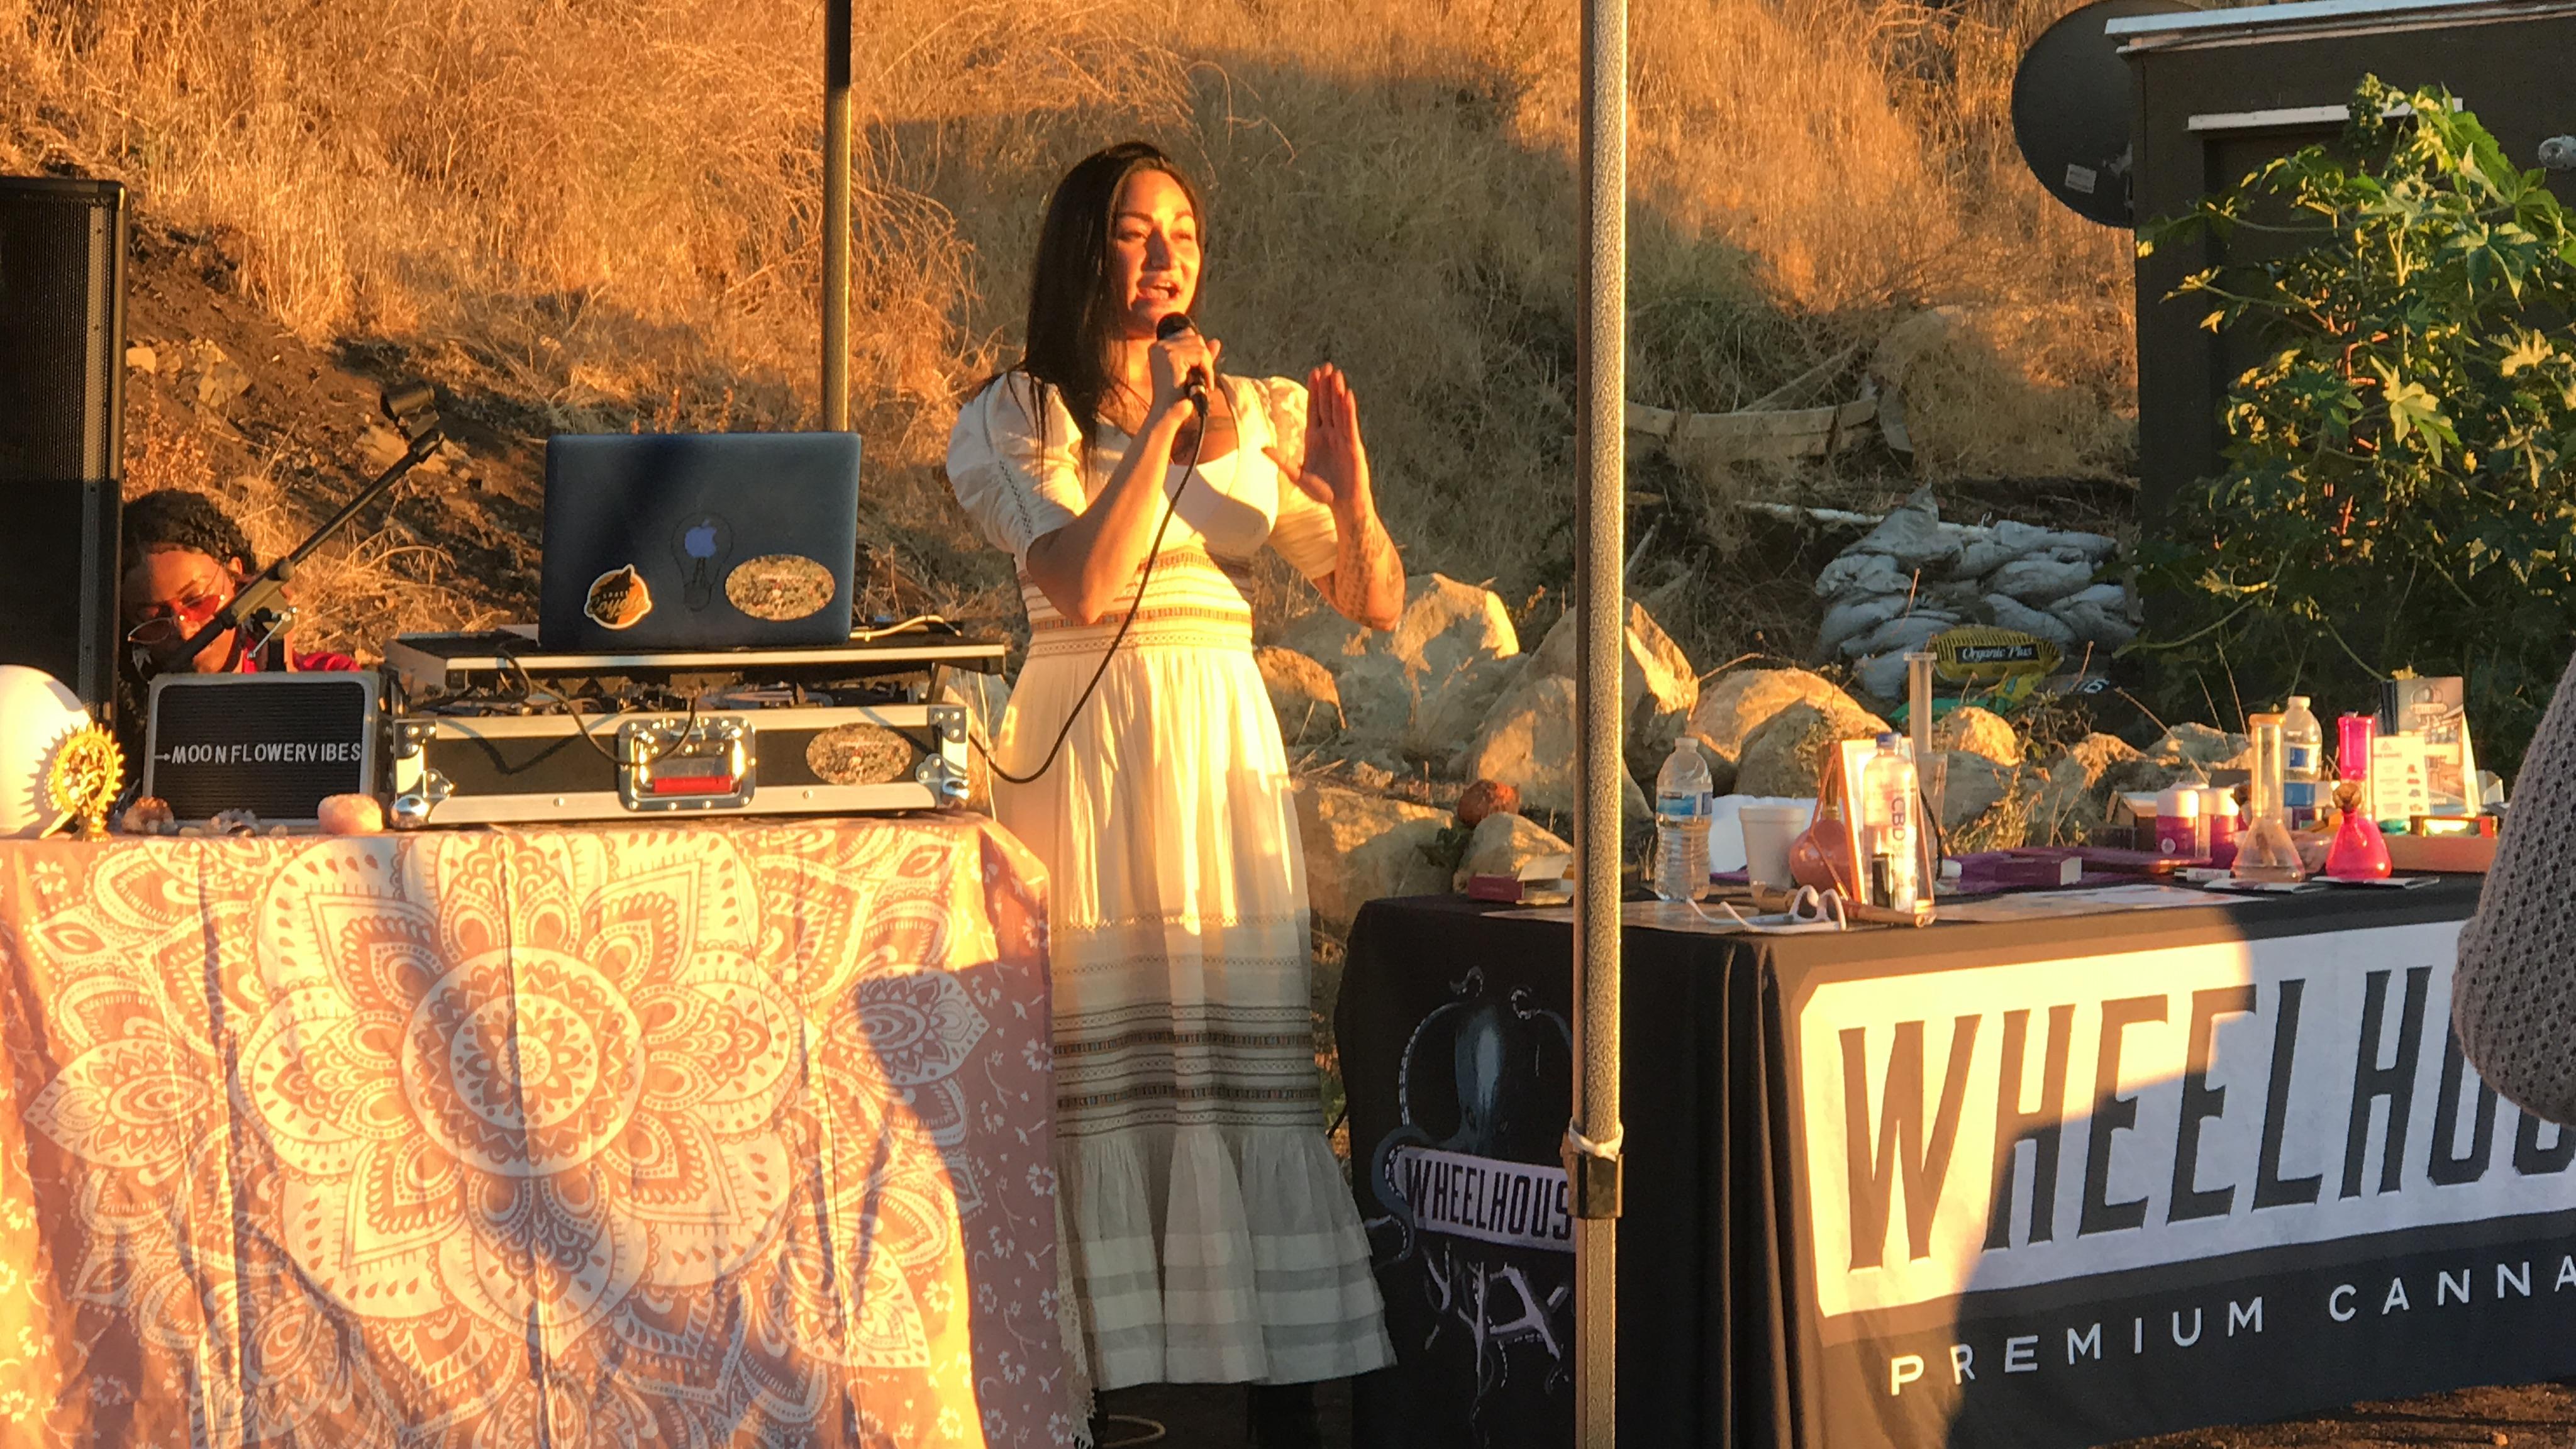 Women's Event in Malibu, CA